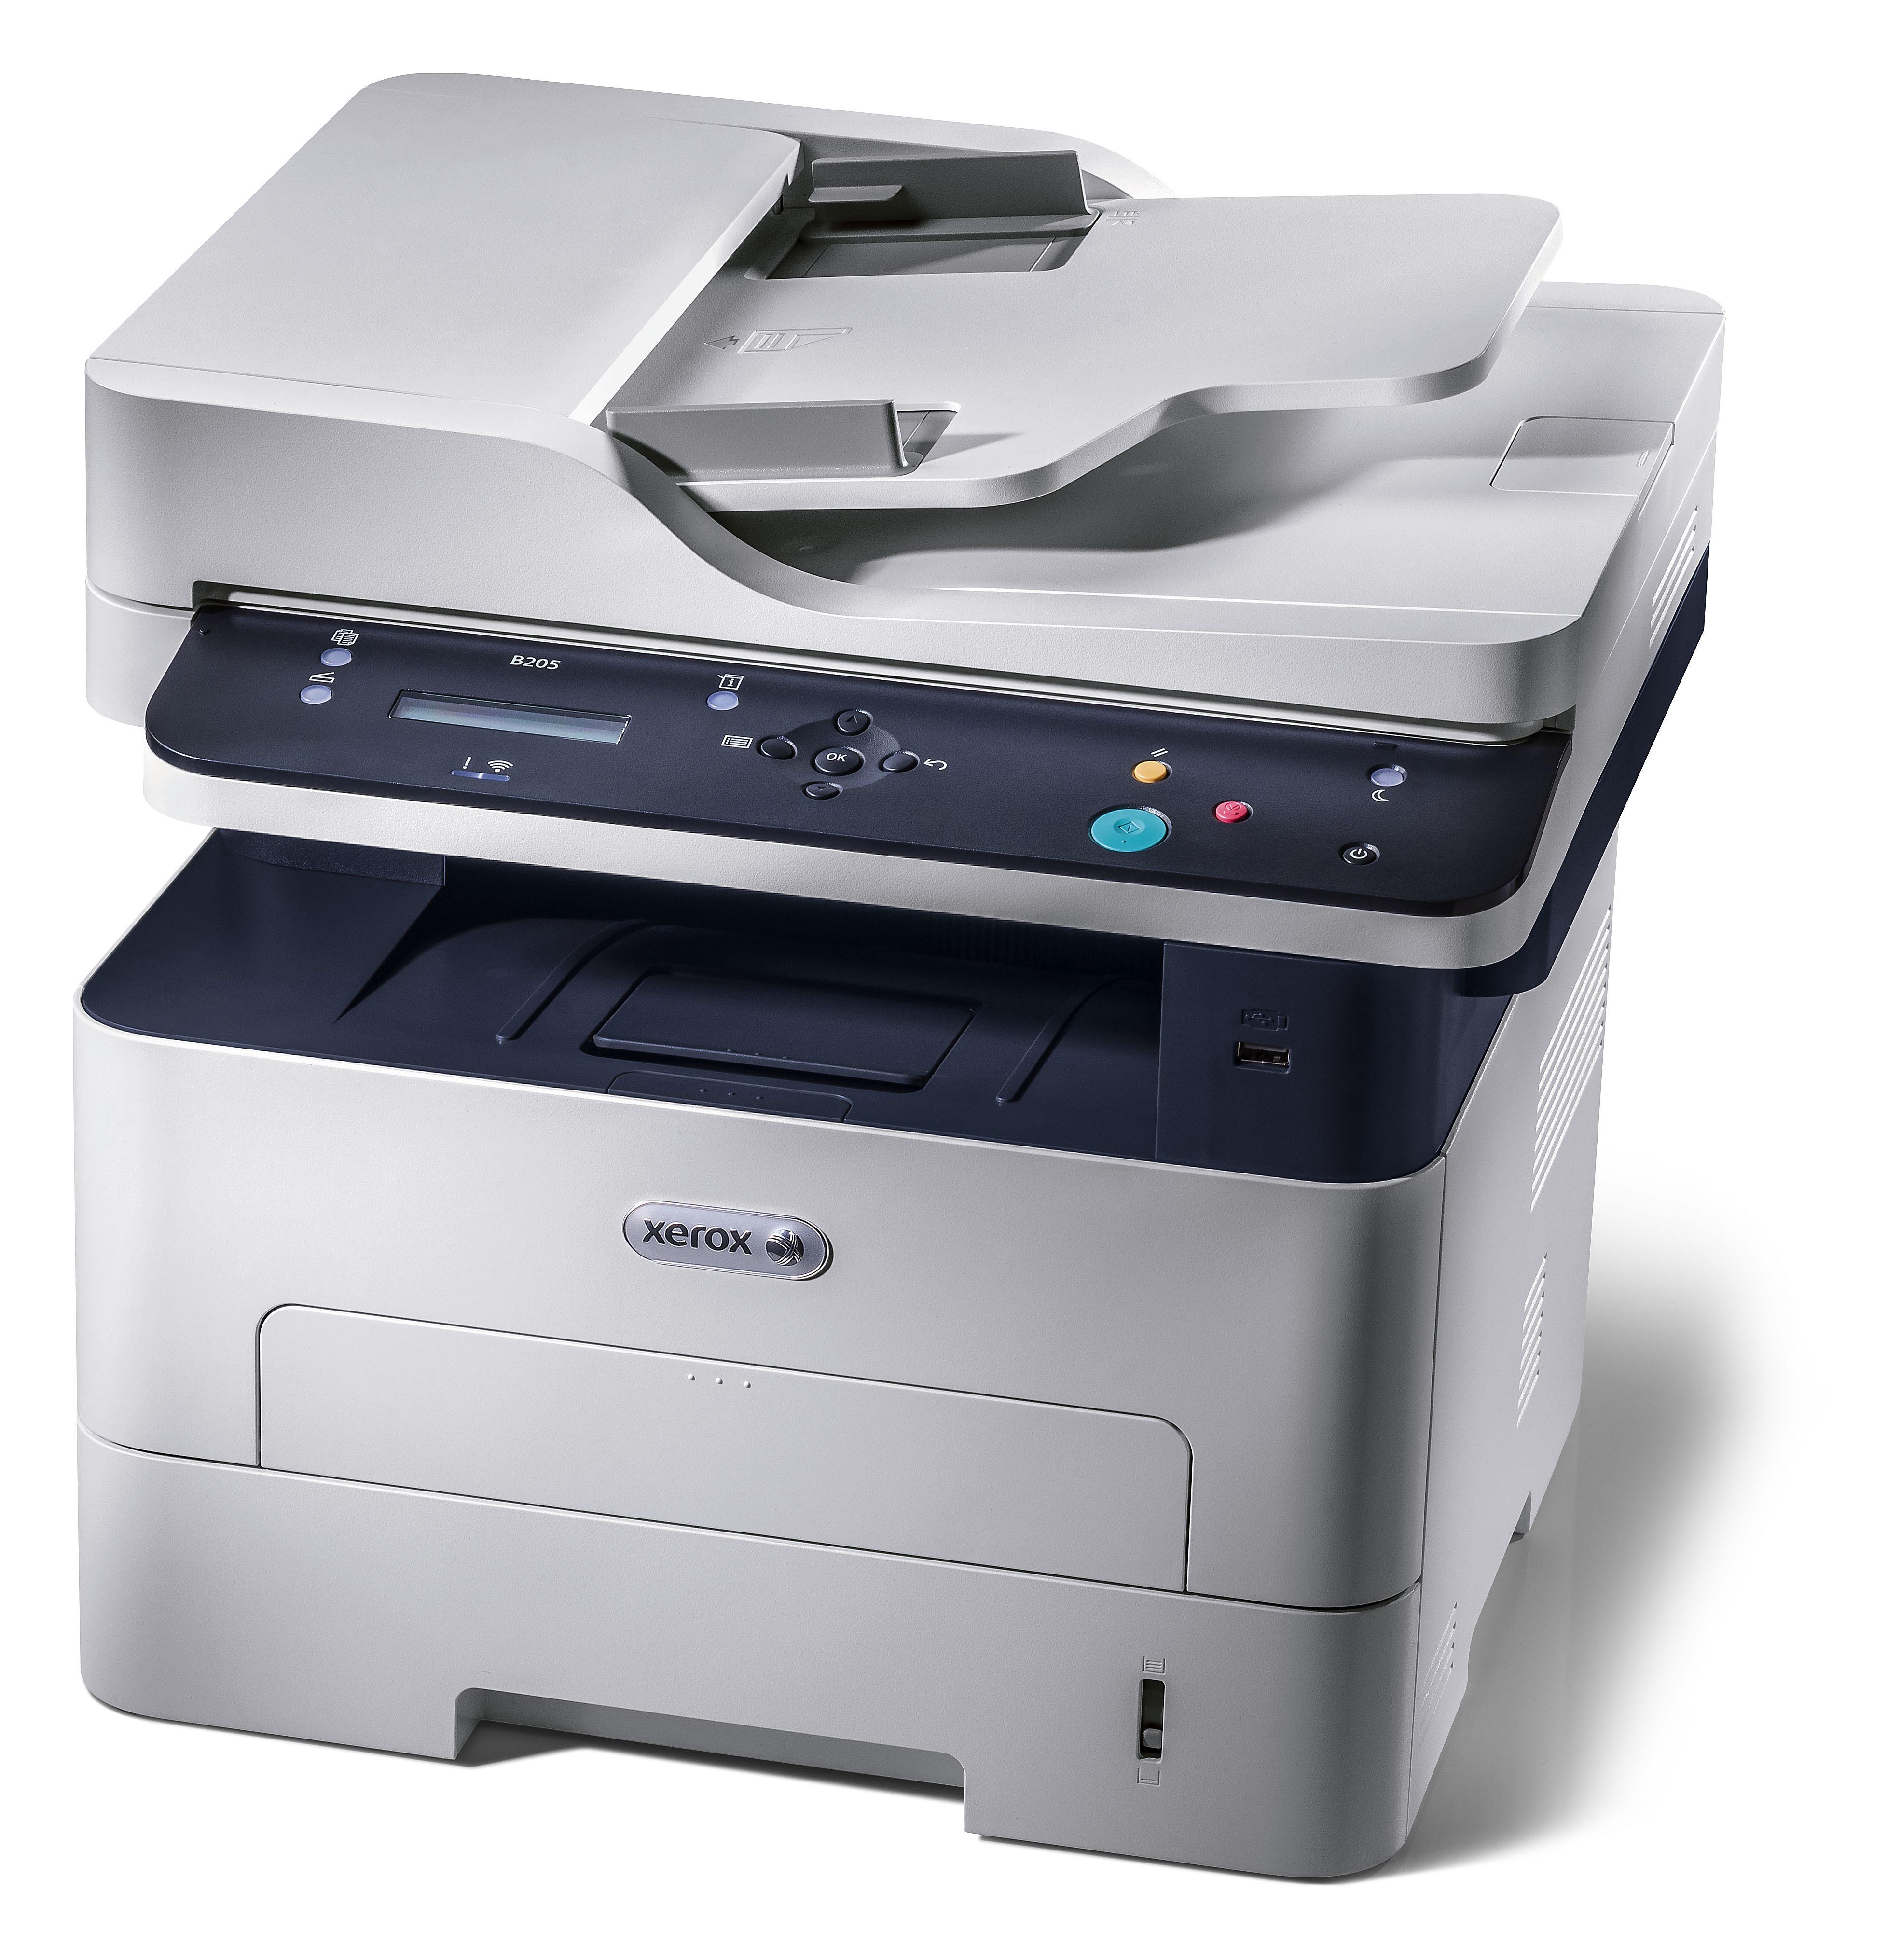 Xerox lansează o nouă serie de echipamente de imprimare compacte, cu WiFi Direct și imprimare mobilă